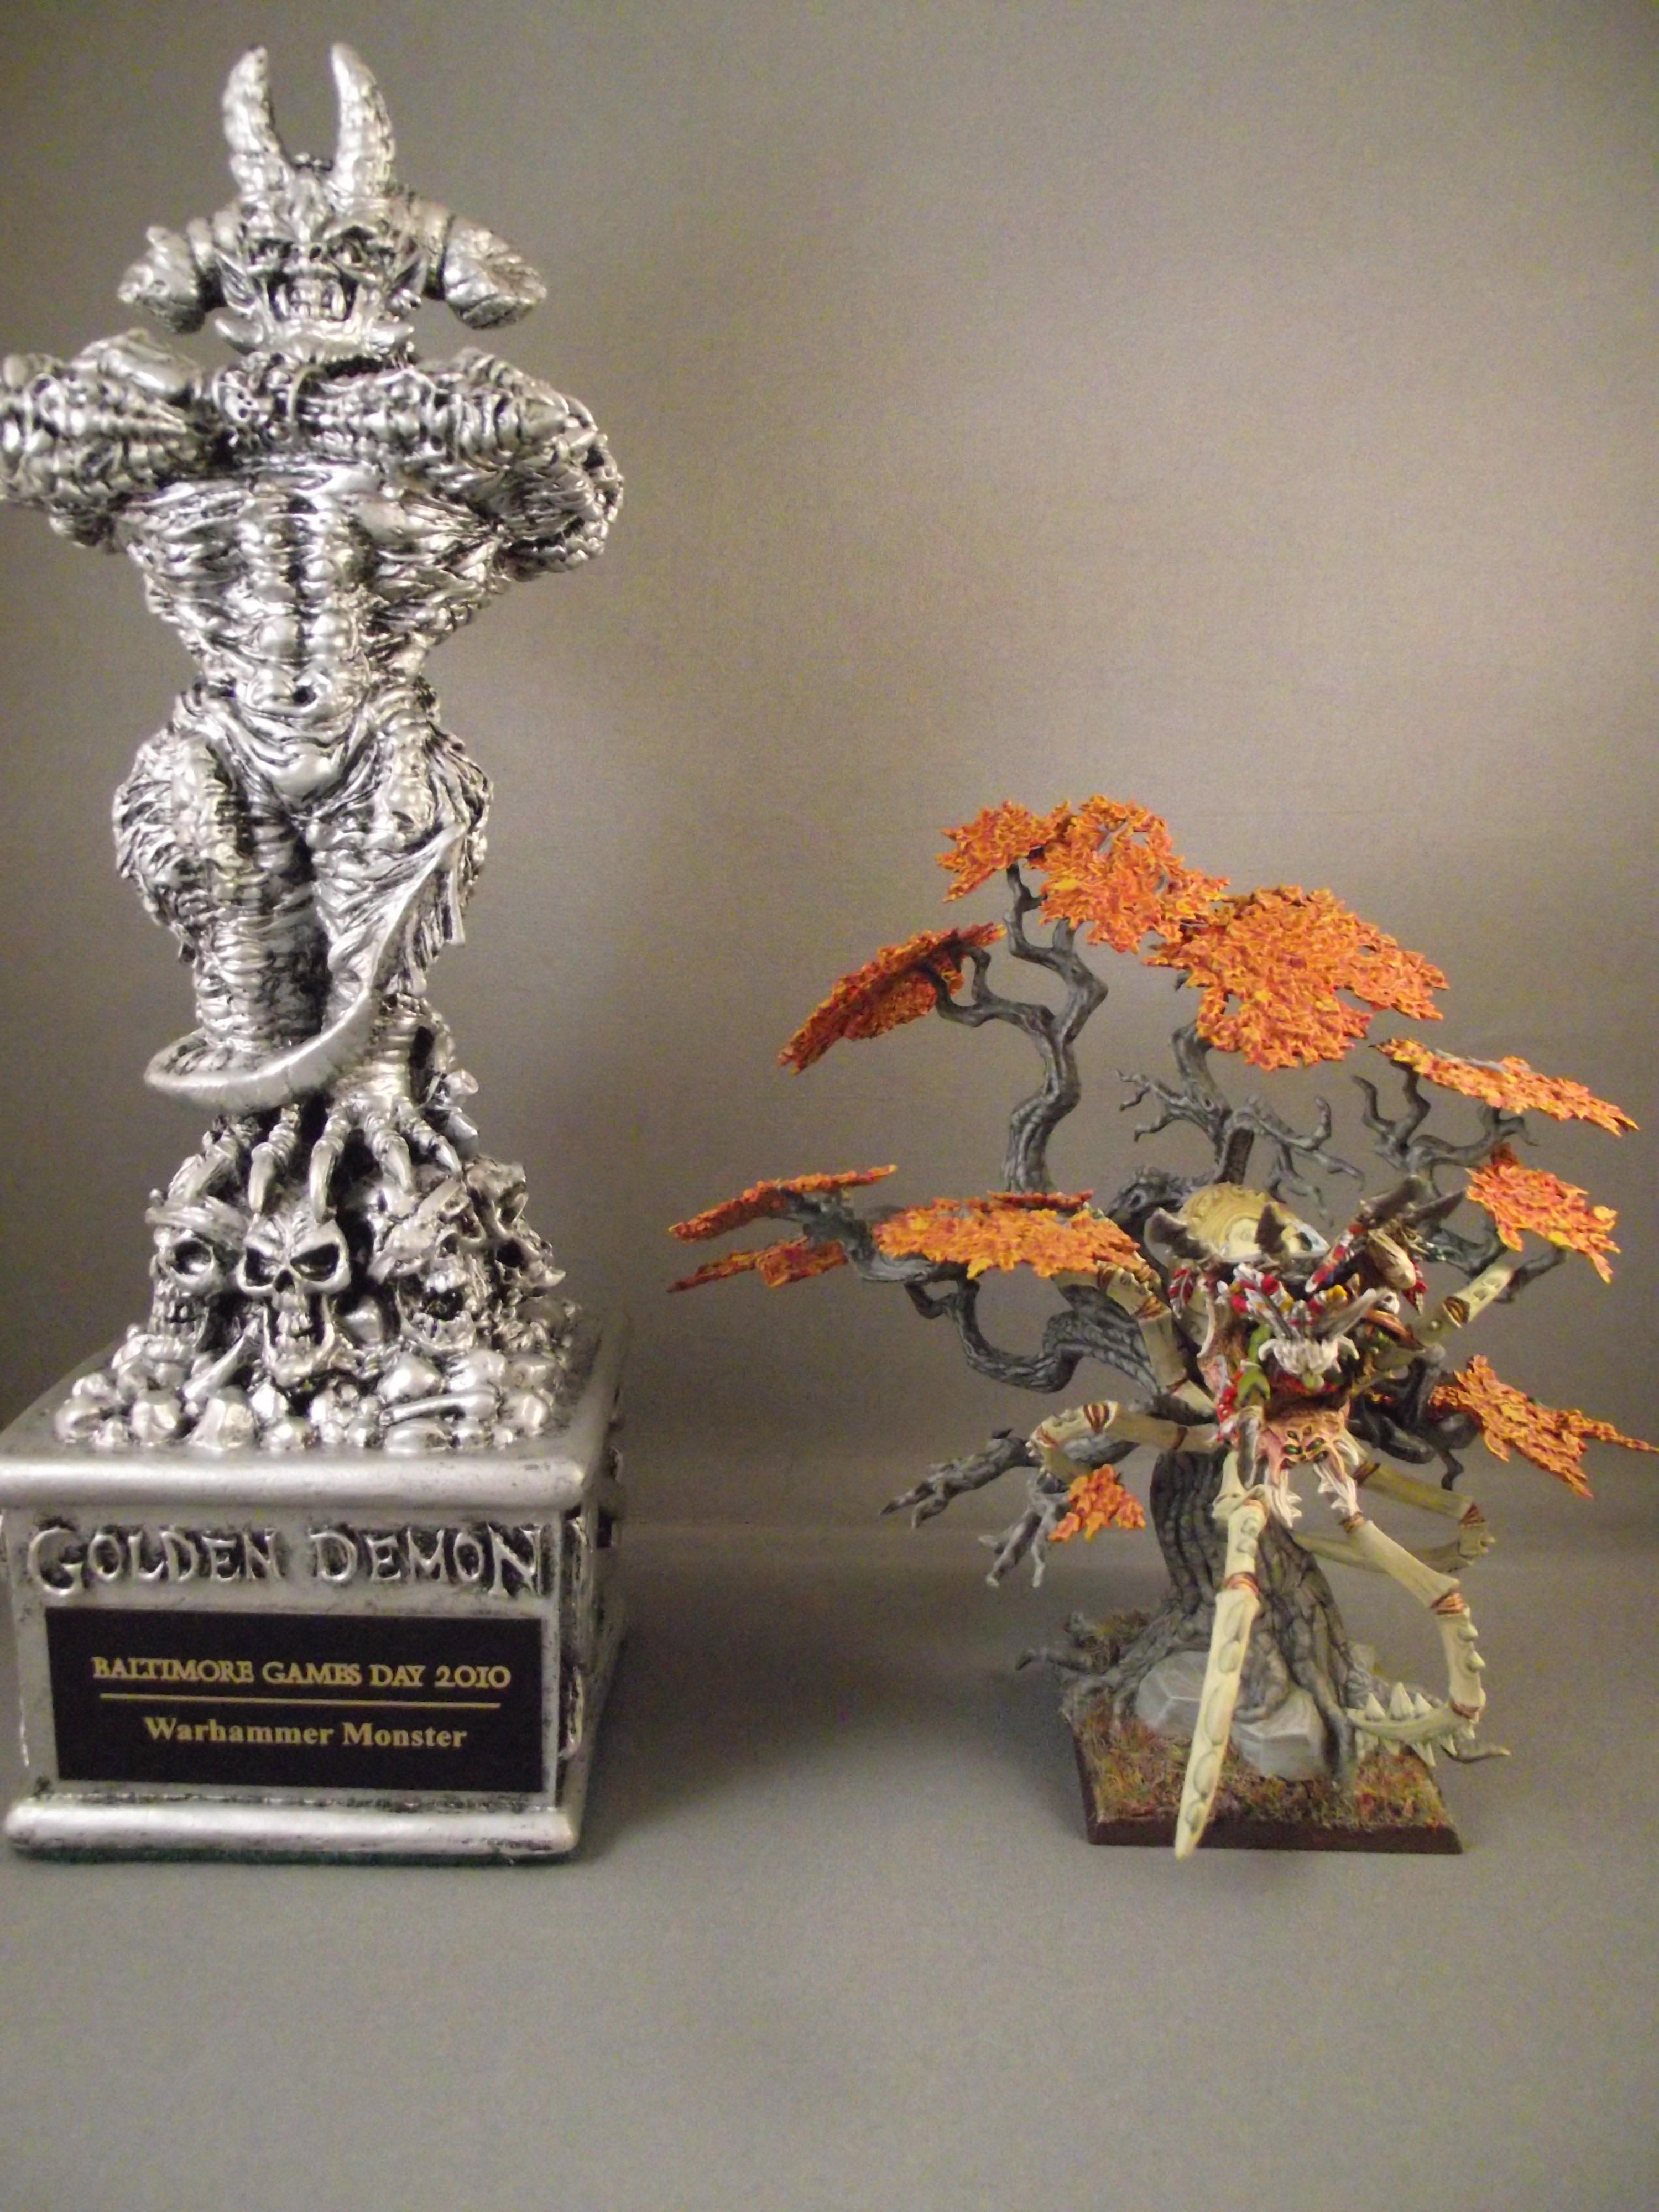 Autumn, Conversion, Goblins, Golden Demon, Spider, Warhammer Fantasy